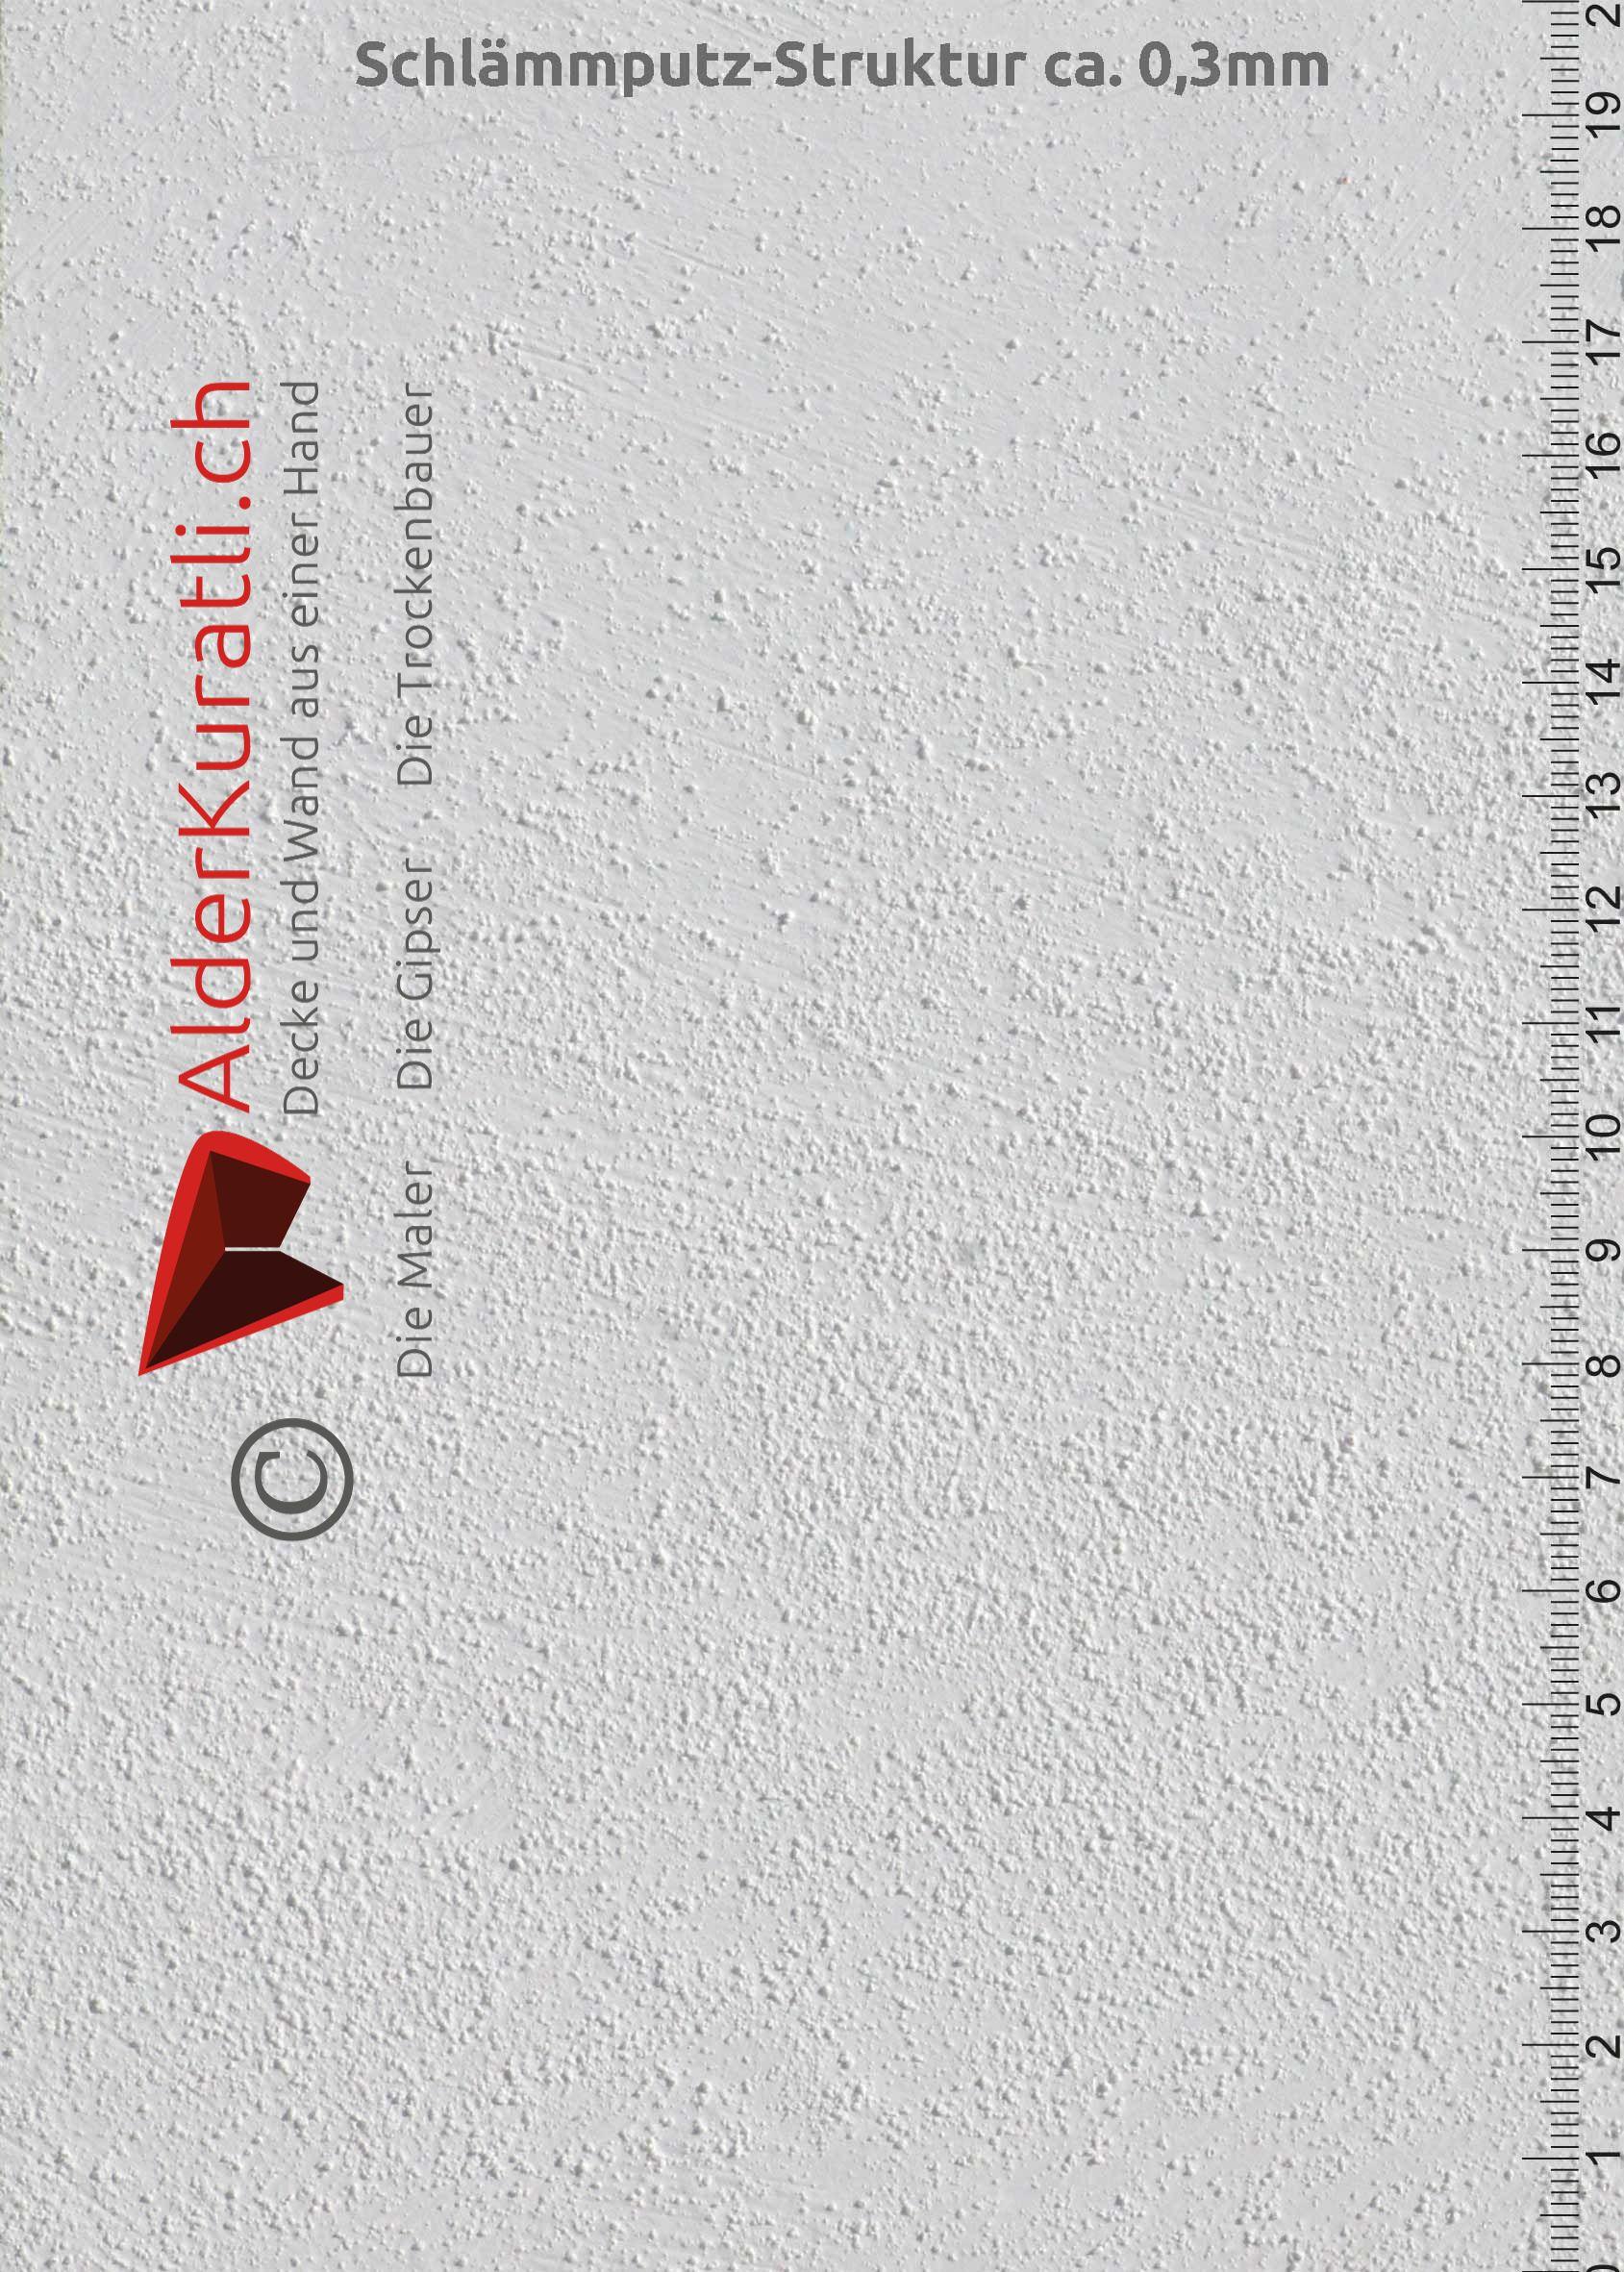 Schlaemmputz-Struktur_0_3mm